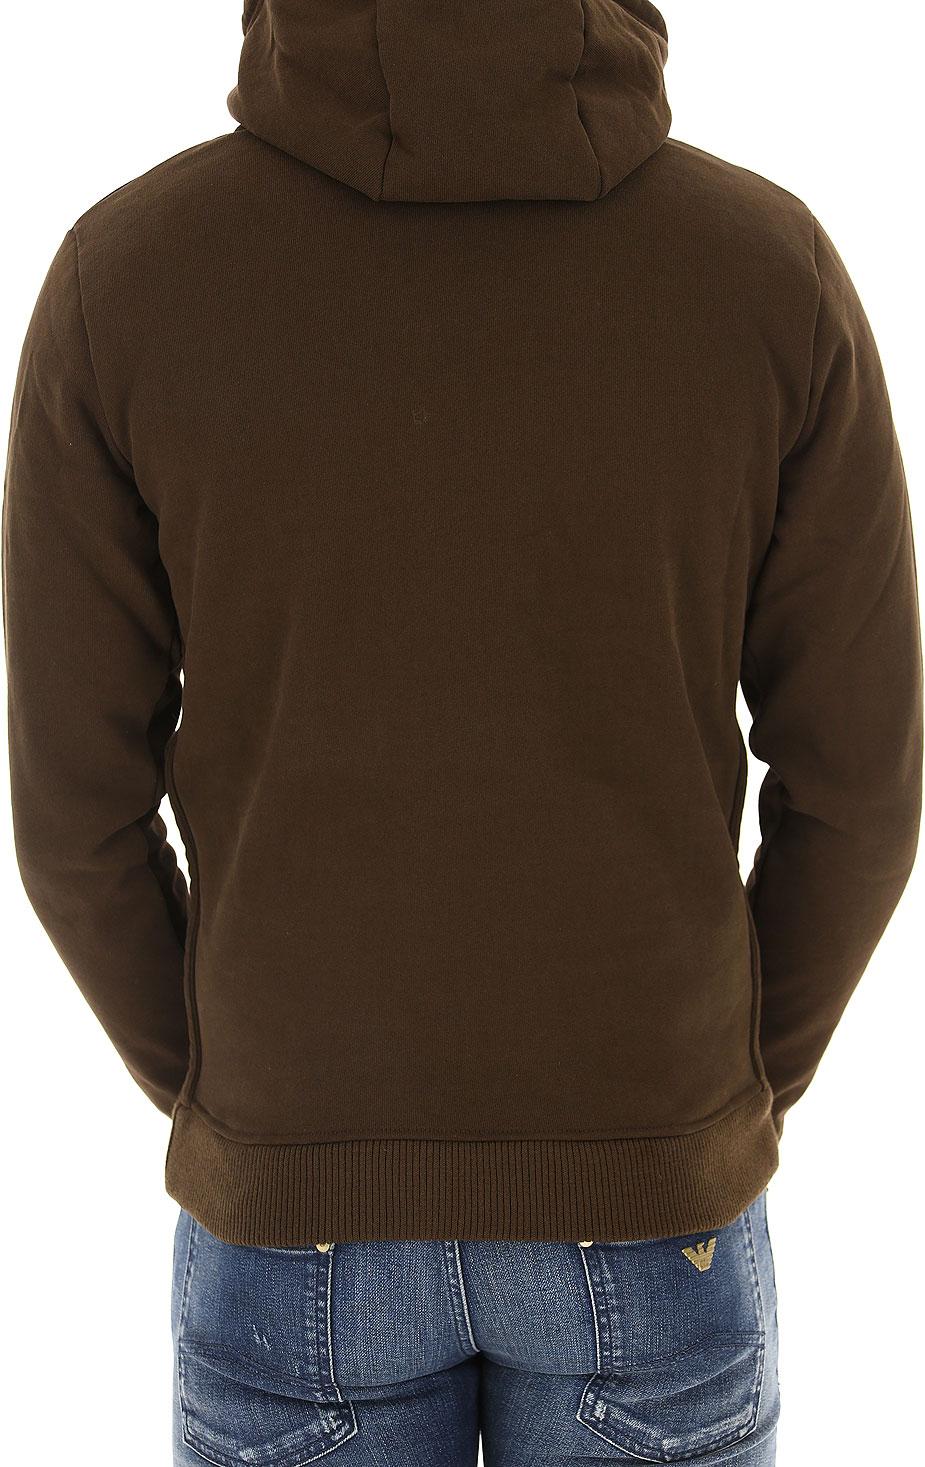 Abbigliamento Uomo G-Star, Codice Articolo: 85957d-2662-4750